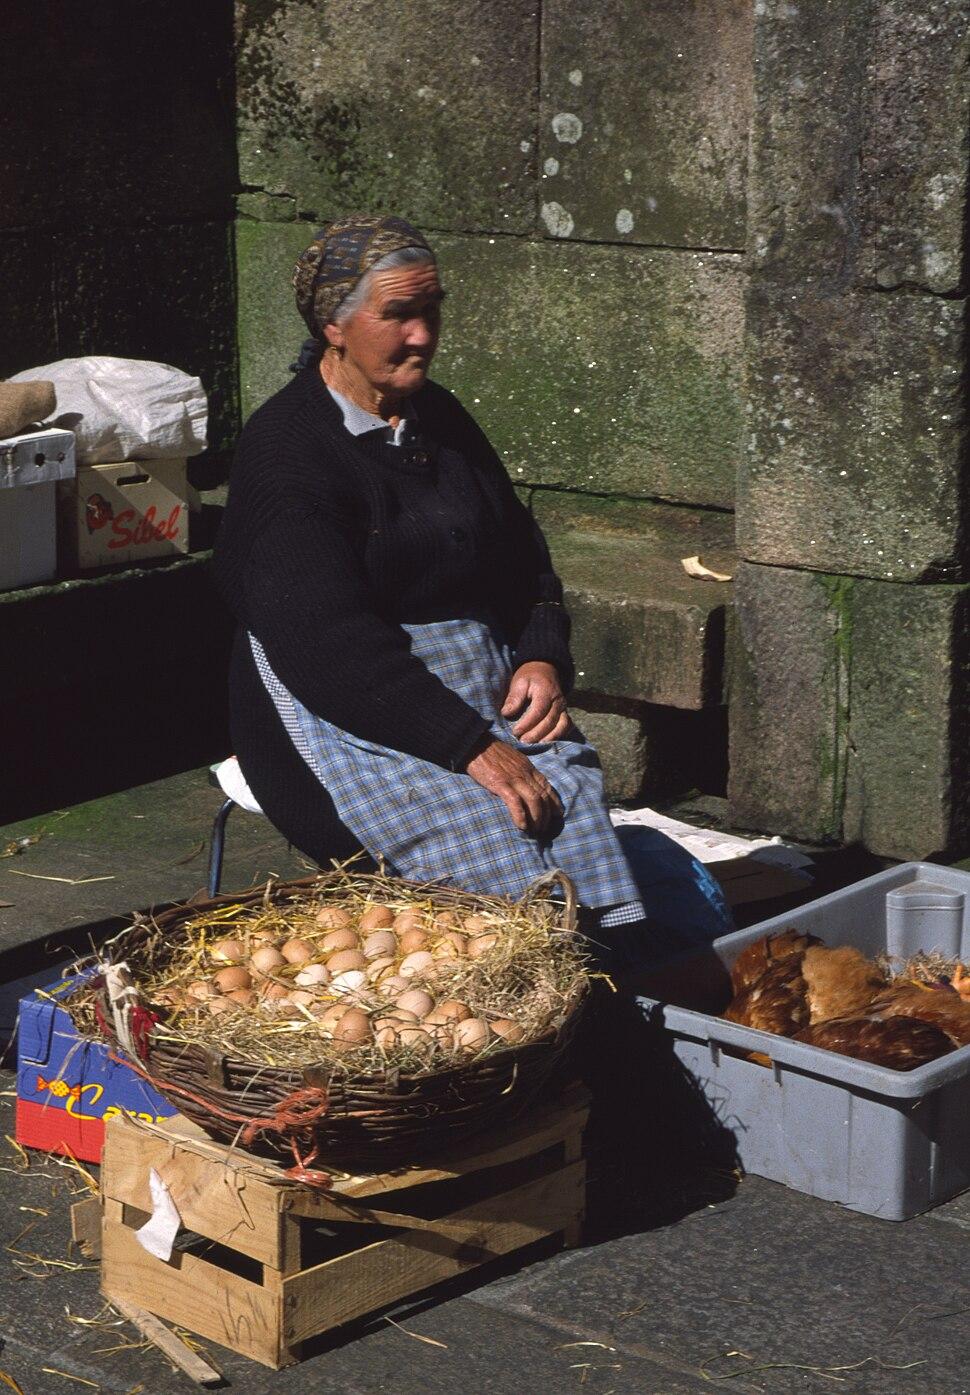 Vendedora de ovos, Santiago de Compostela